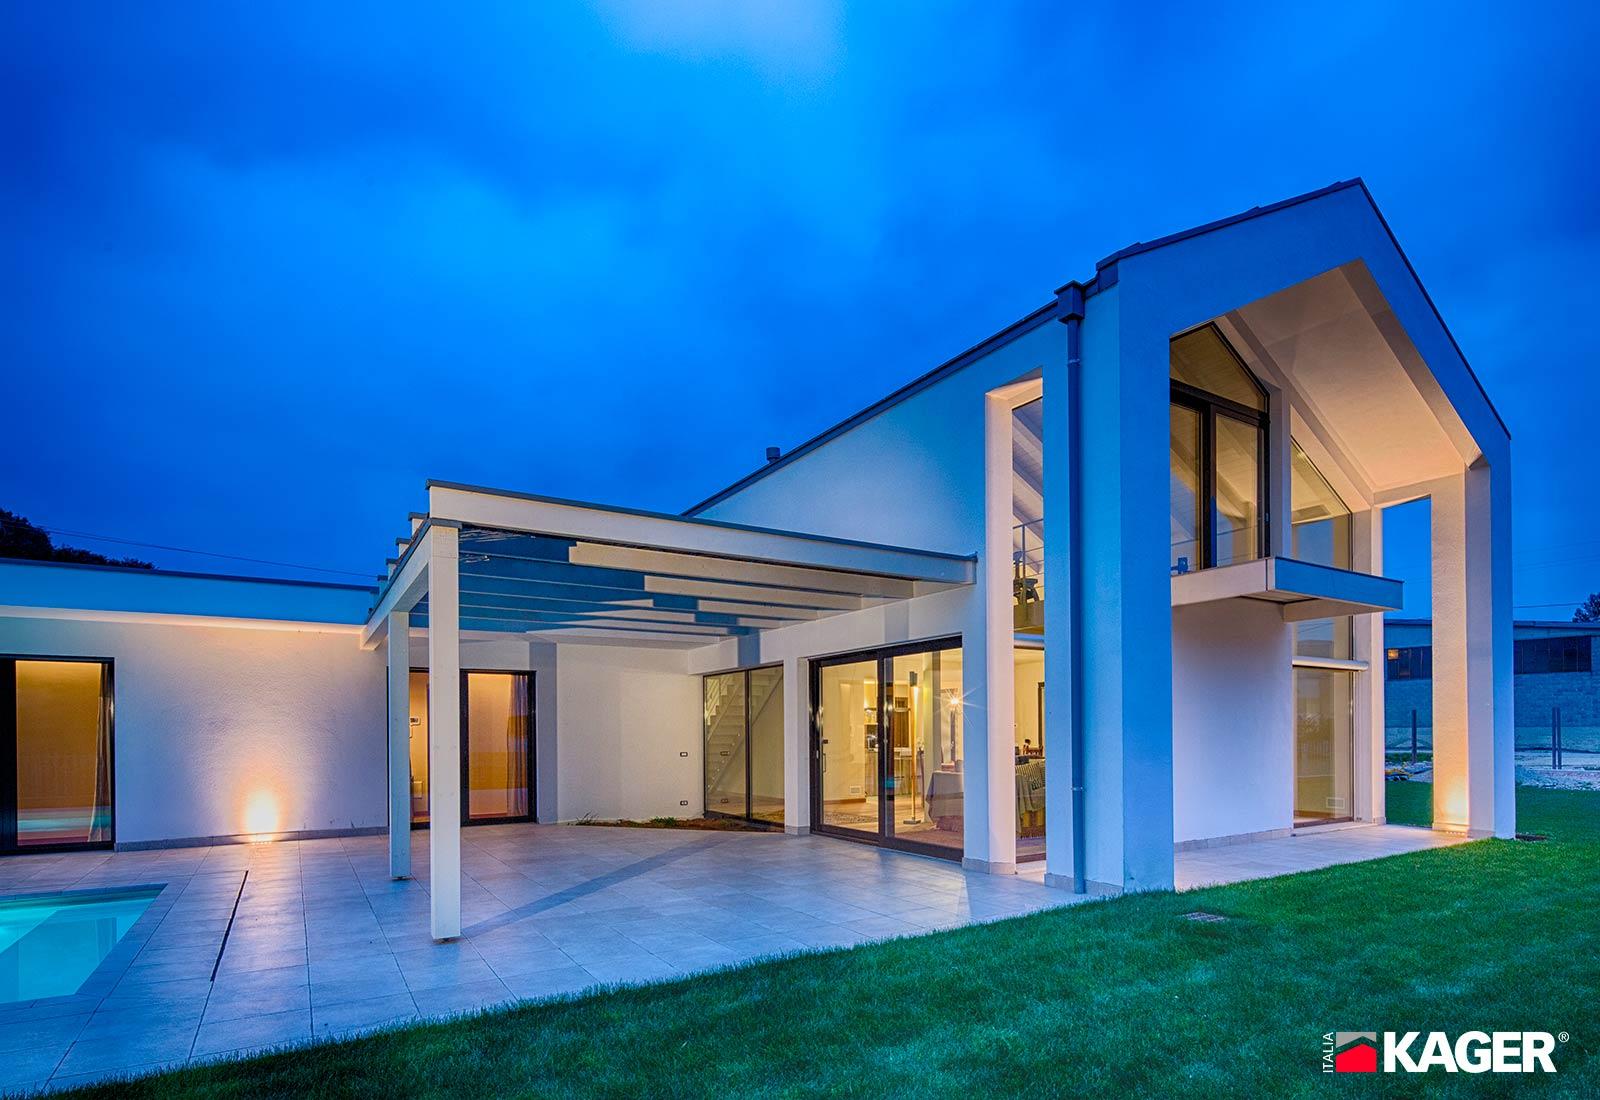 Casa-in-legno-Cureggio-Kager-Italia-12